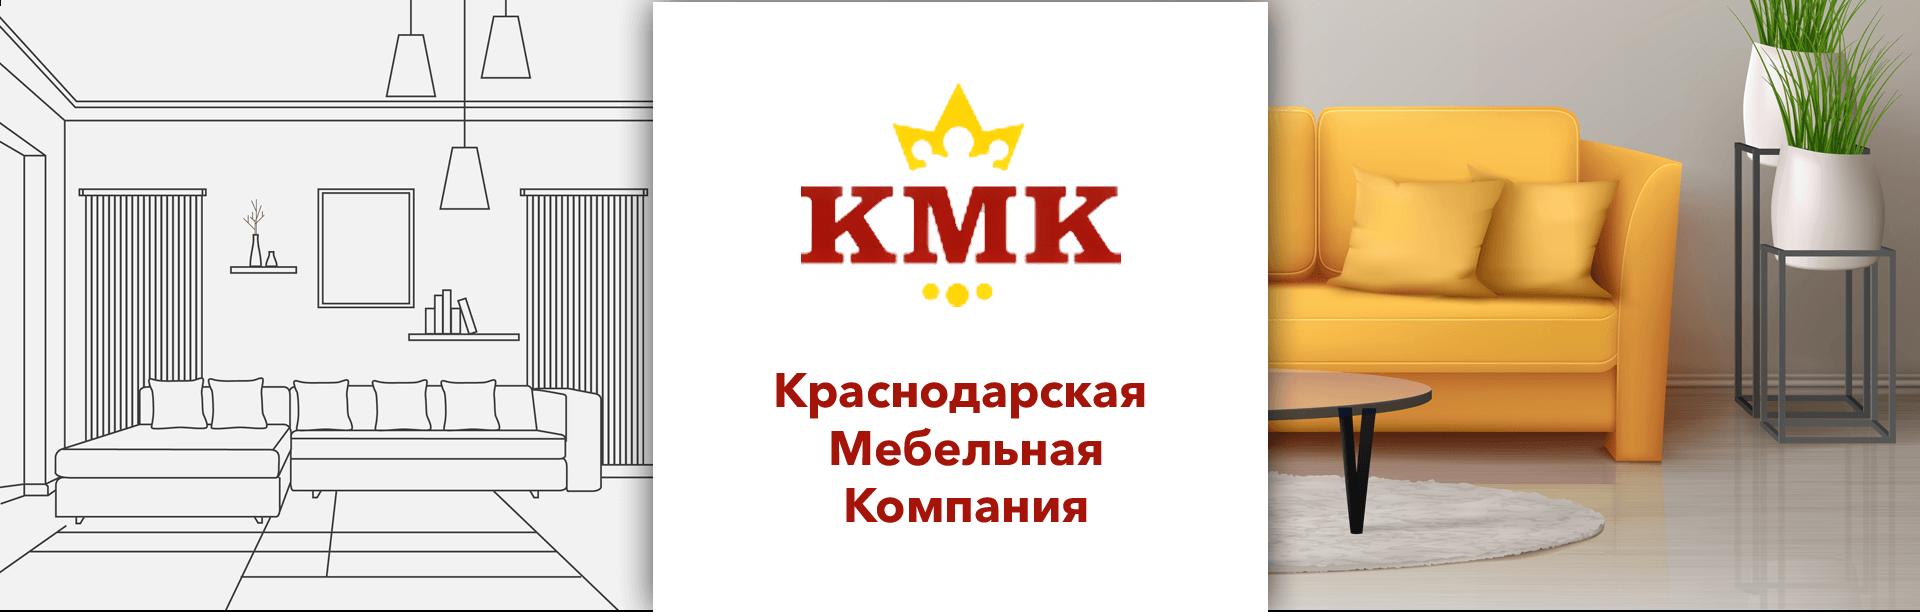 Интернет-каталог «Краснодарская мебельная компания»